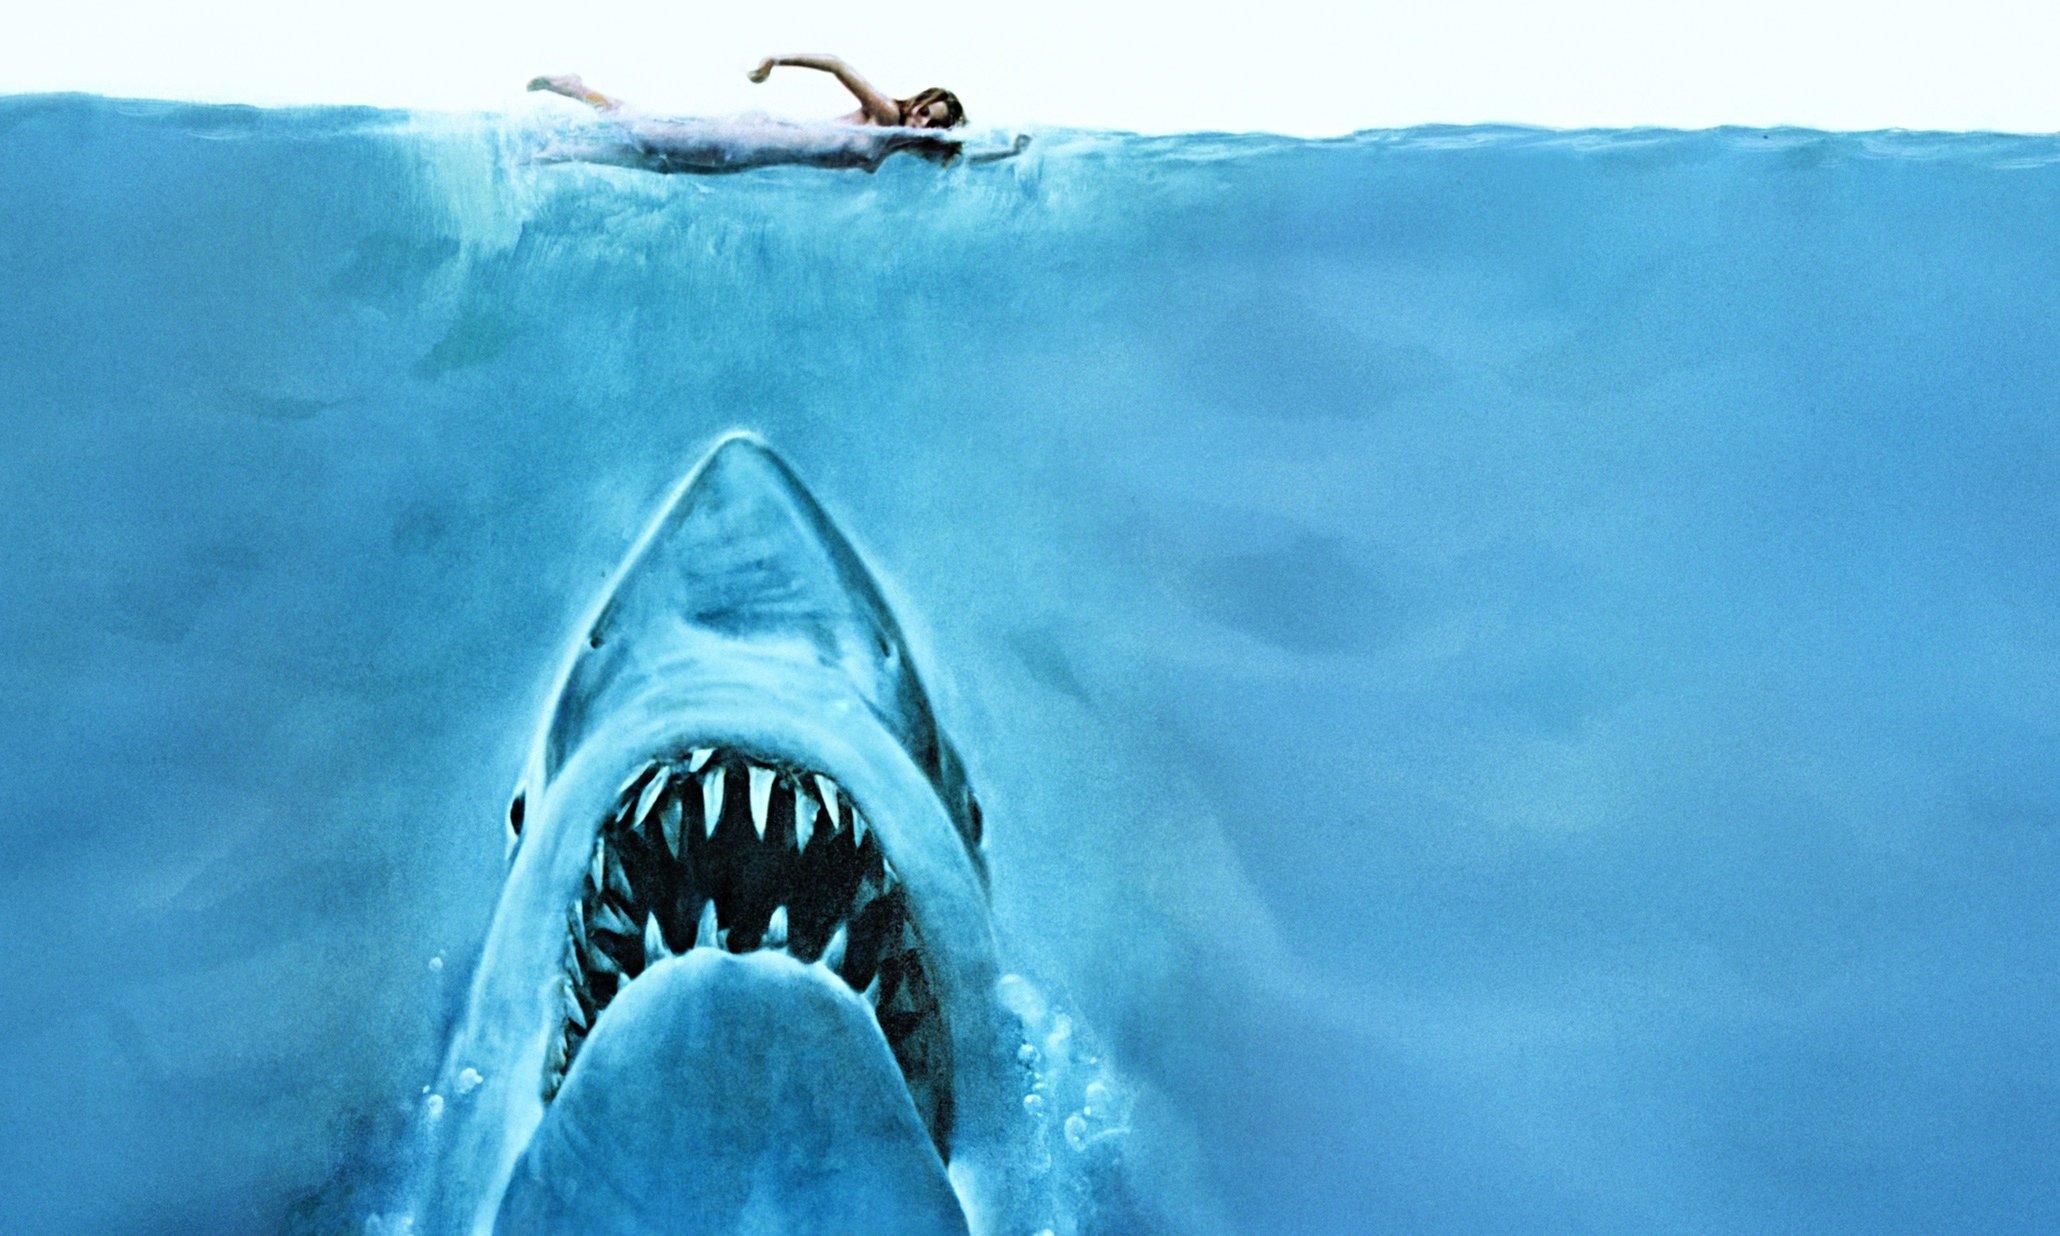 Terror dos mares: descubra 10 curiosidades iradas sobre tubarões-brancos